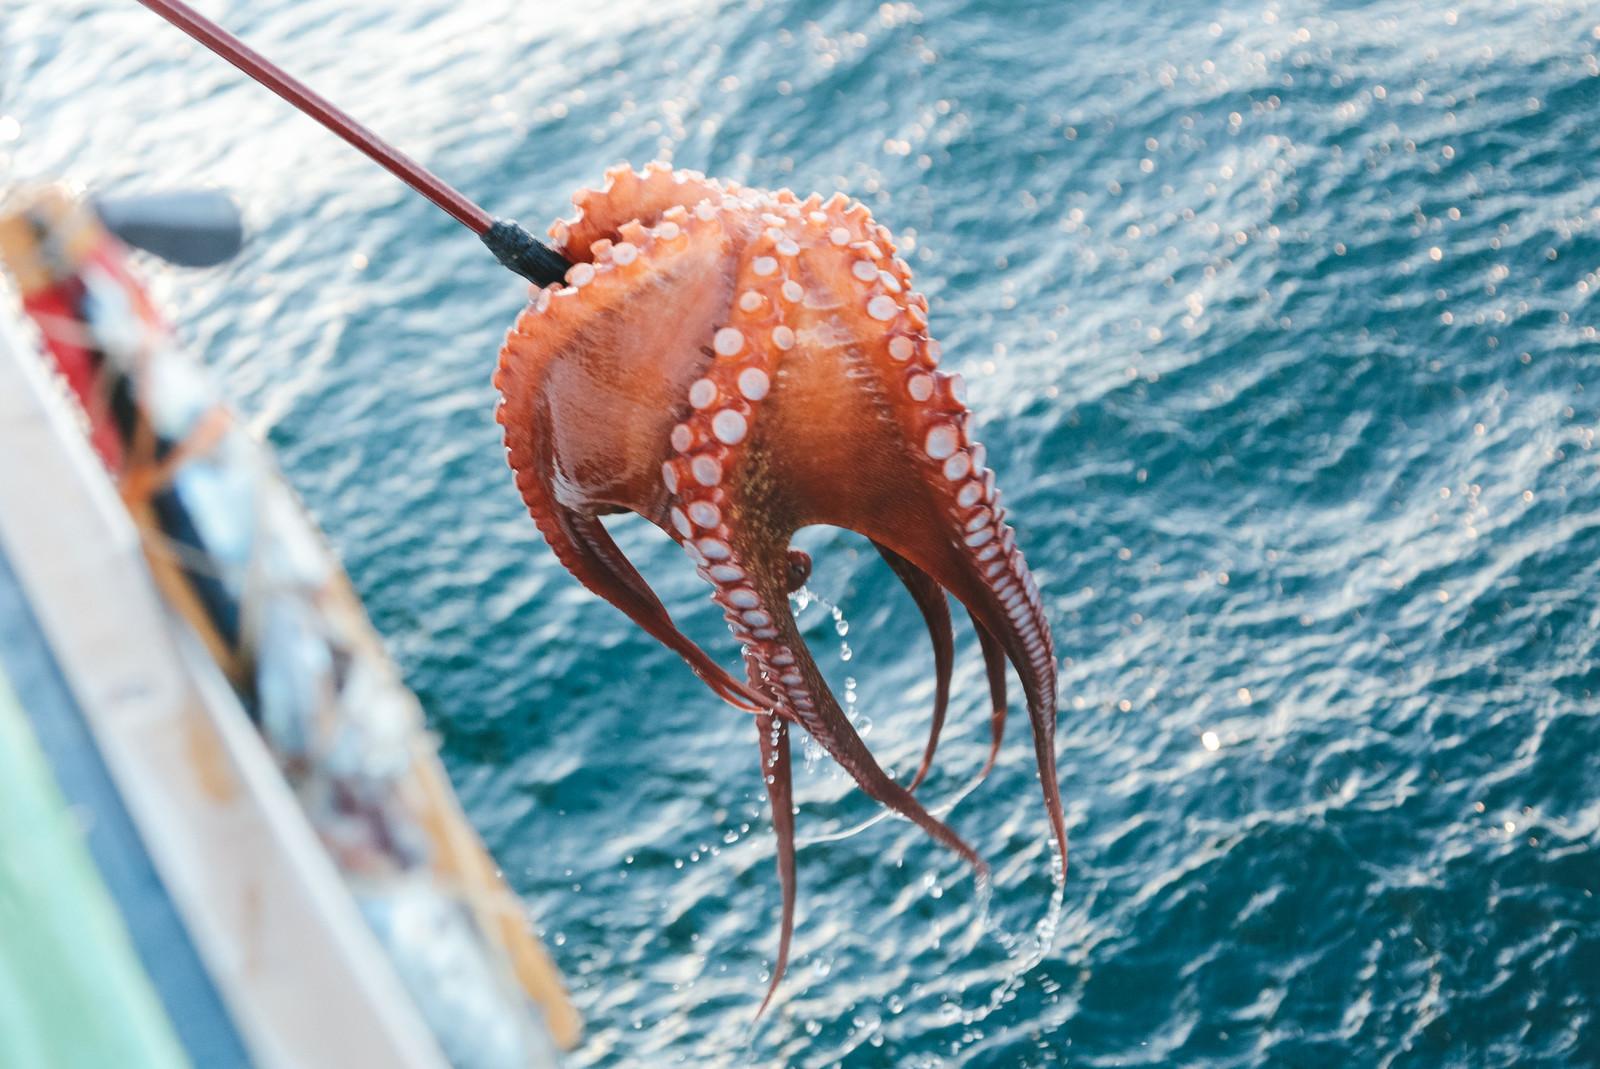 釣りと潮の関係性・釣果の影響を徹底解説!釣りやすい時期・潮見表の見方も紹介